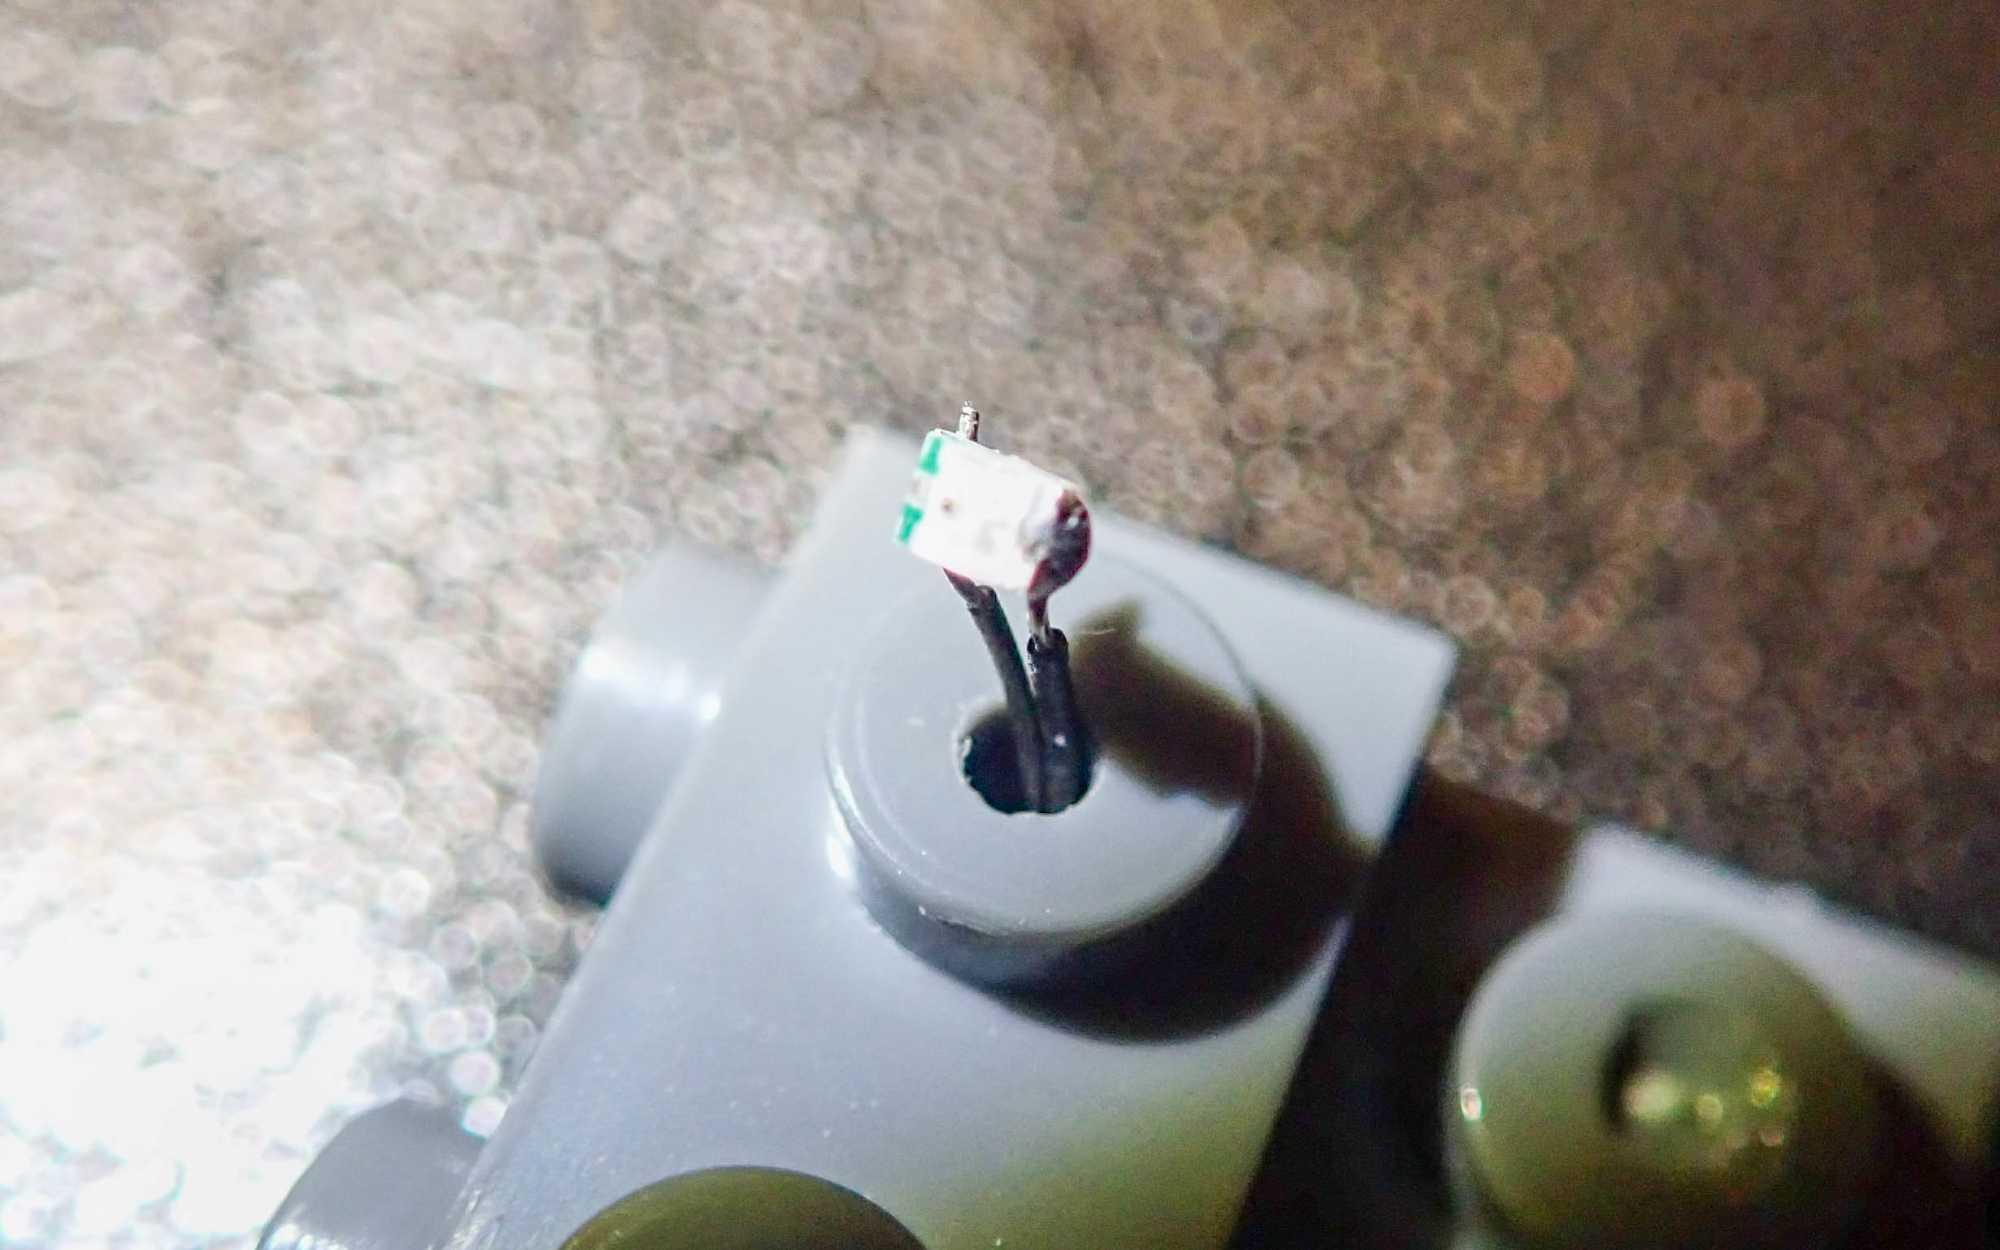 Aus einem aufgebohrten Legonoppen ragt eine kleine LED.